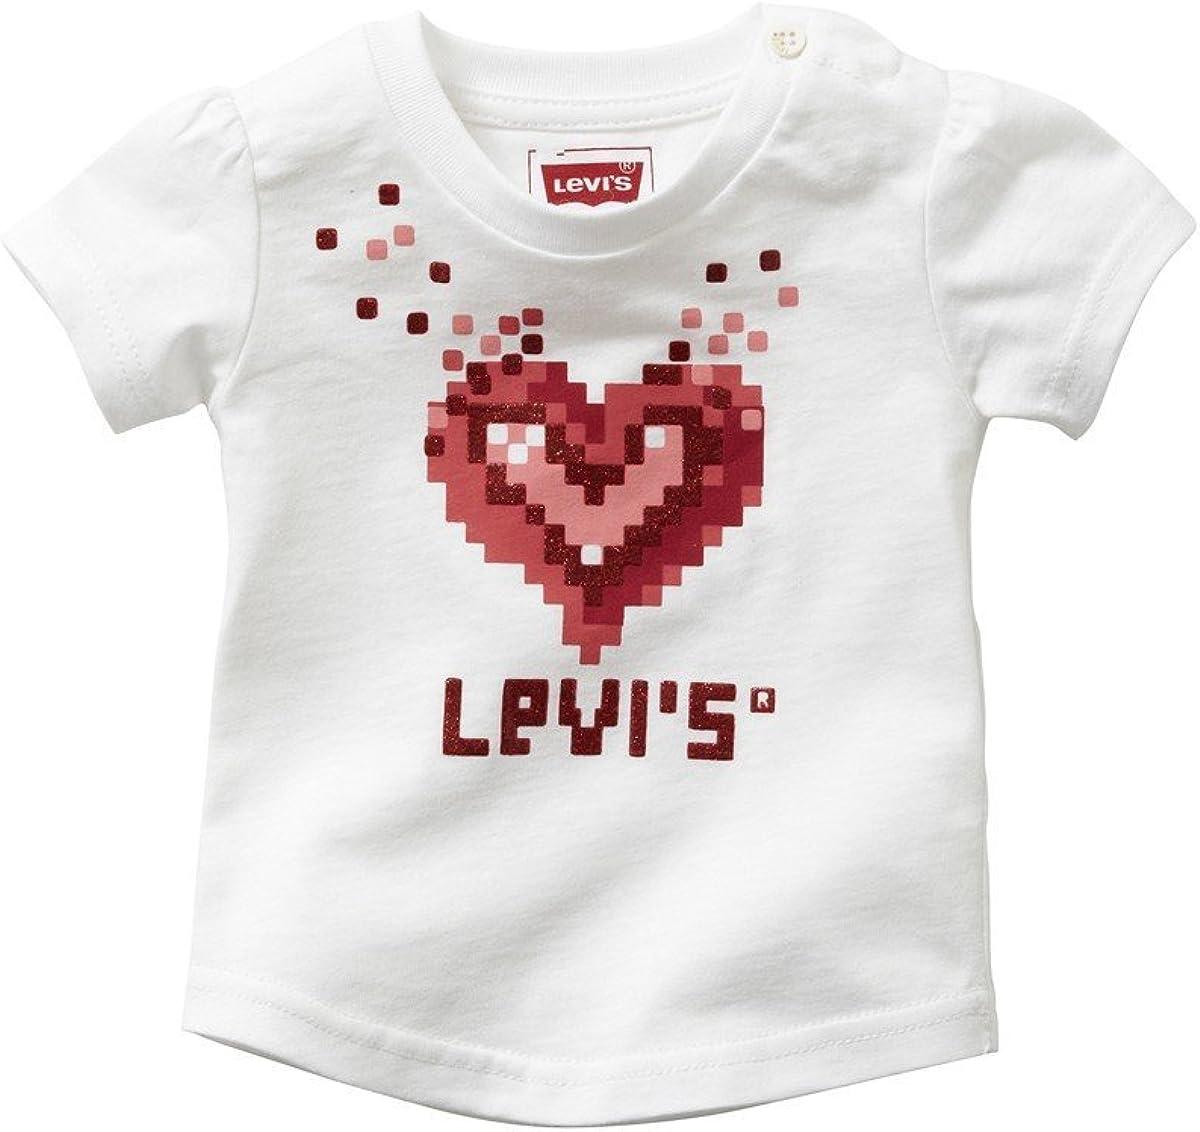 Camiseta Levis Blanca Corazón 24M Blanco: Amazon.es: Ropa y accesorios